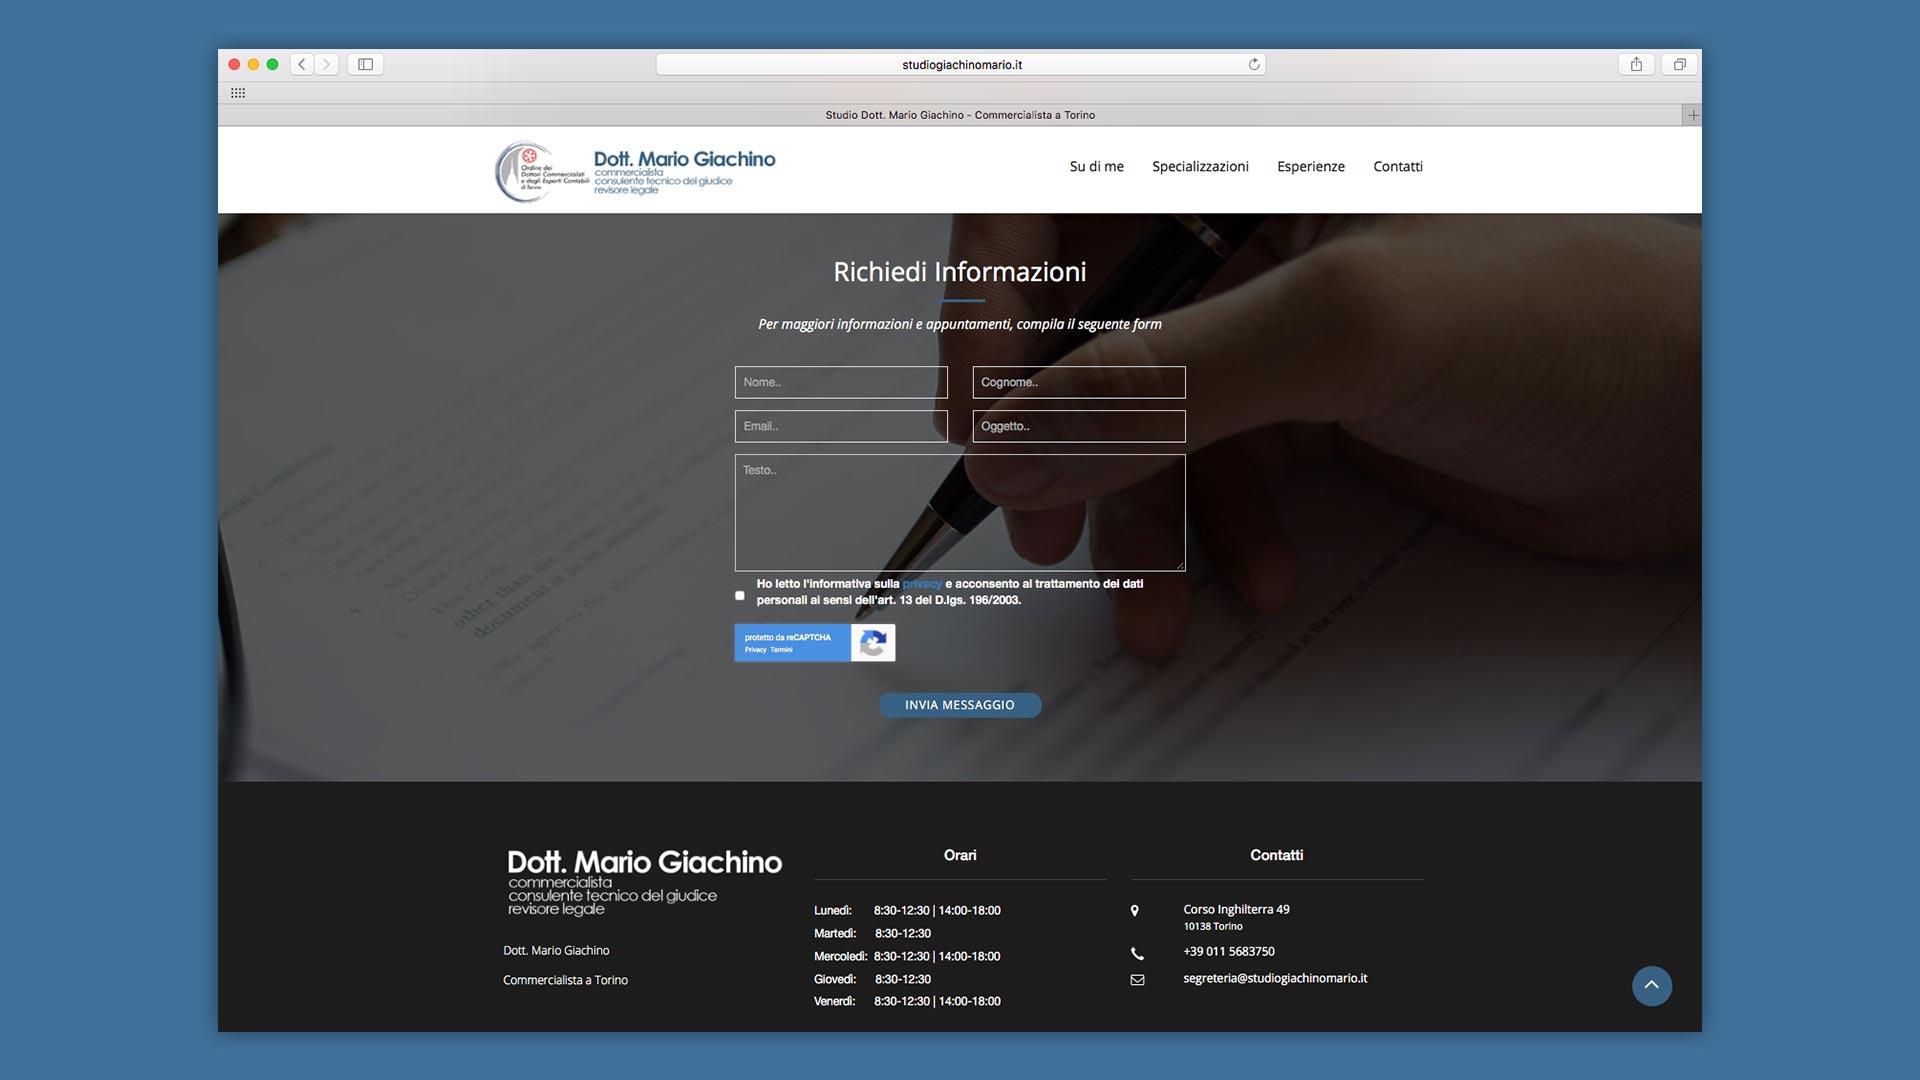 Dottor Mario Giachino Sito Web Modulo di contatti del sito web Commercialista Torino